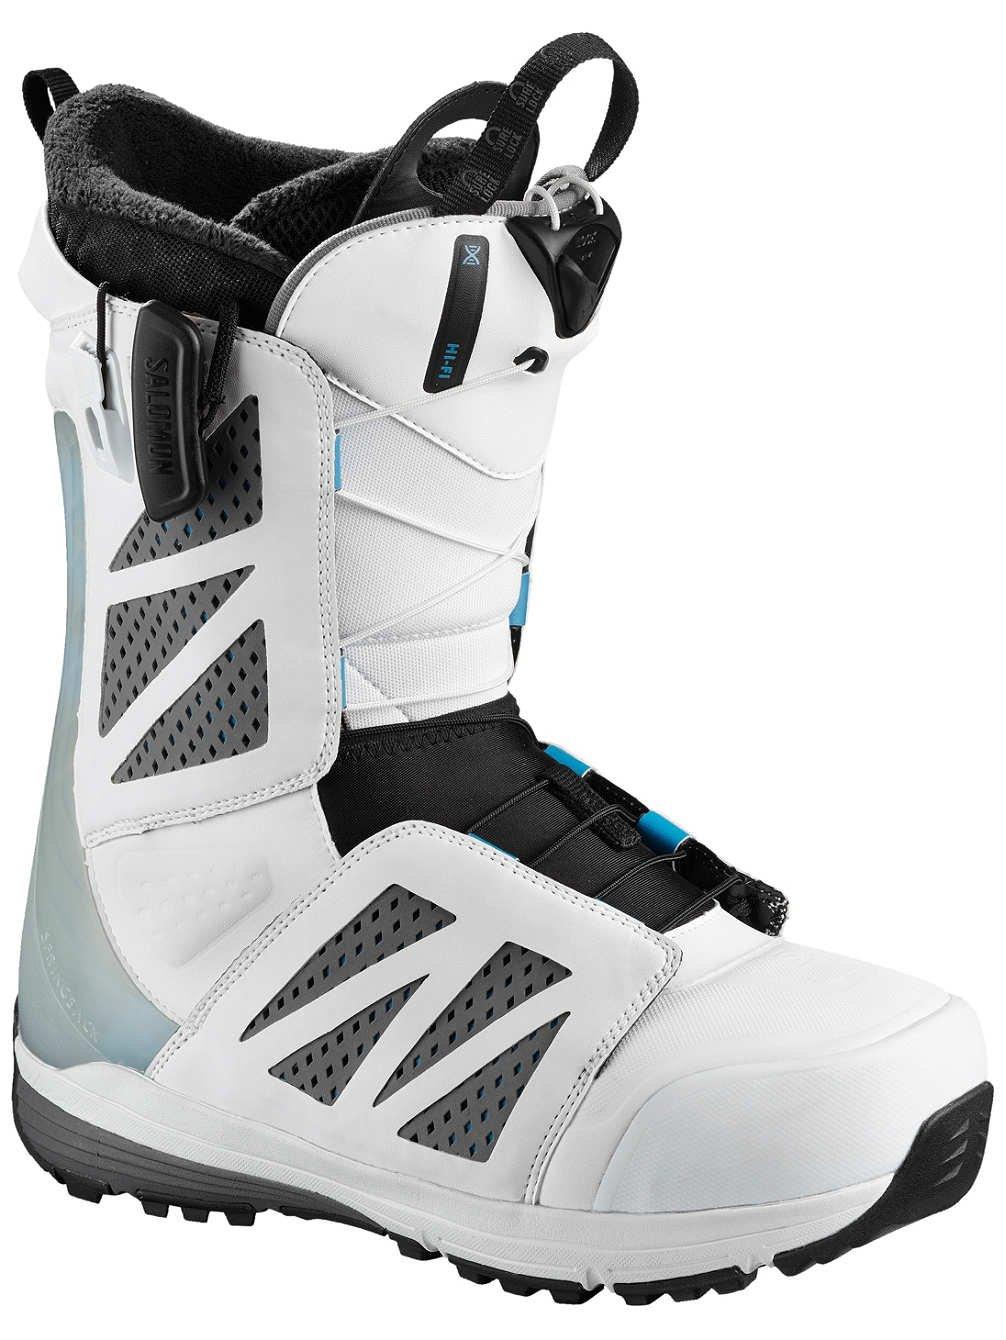 Salomon スノーボード ハイファイホワイトスノーボードブーツ メンズ ホワイト